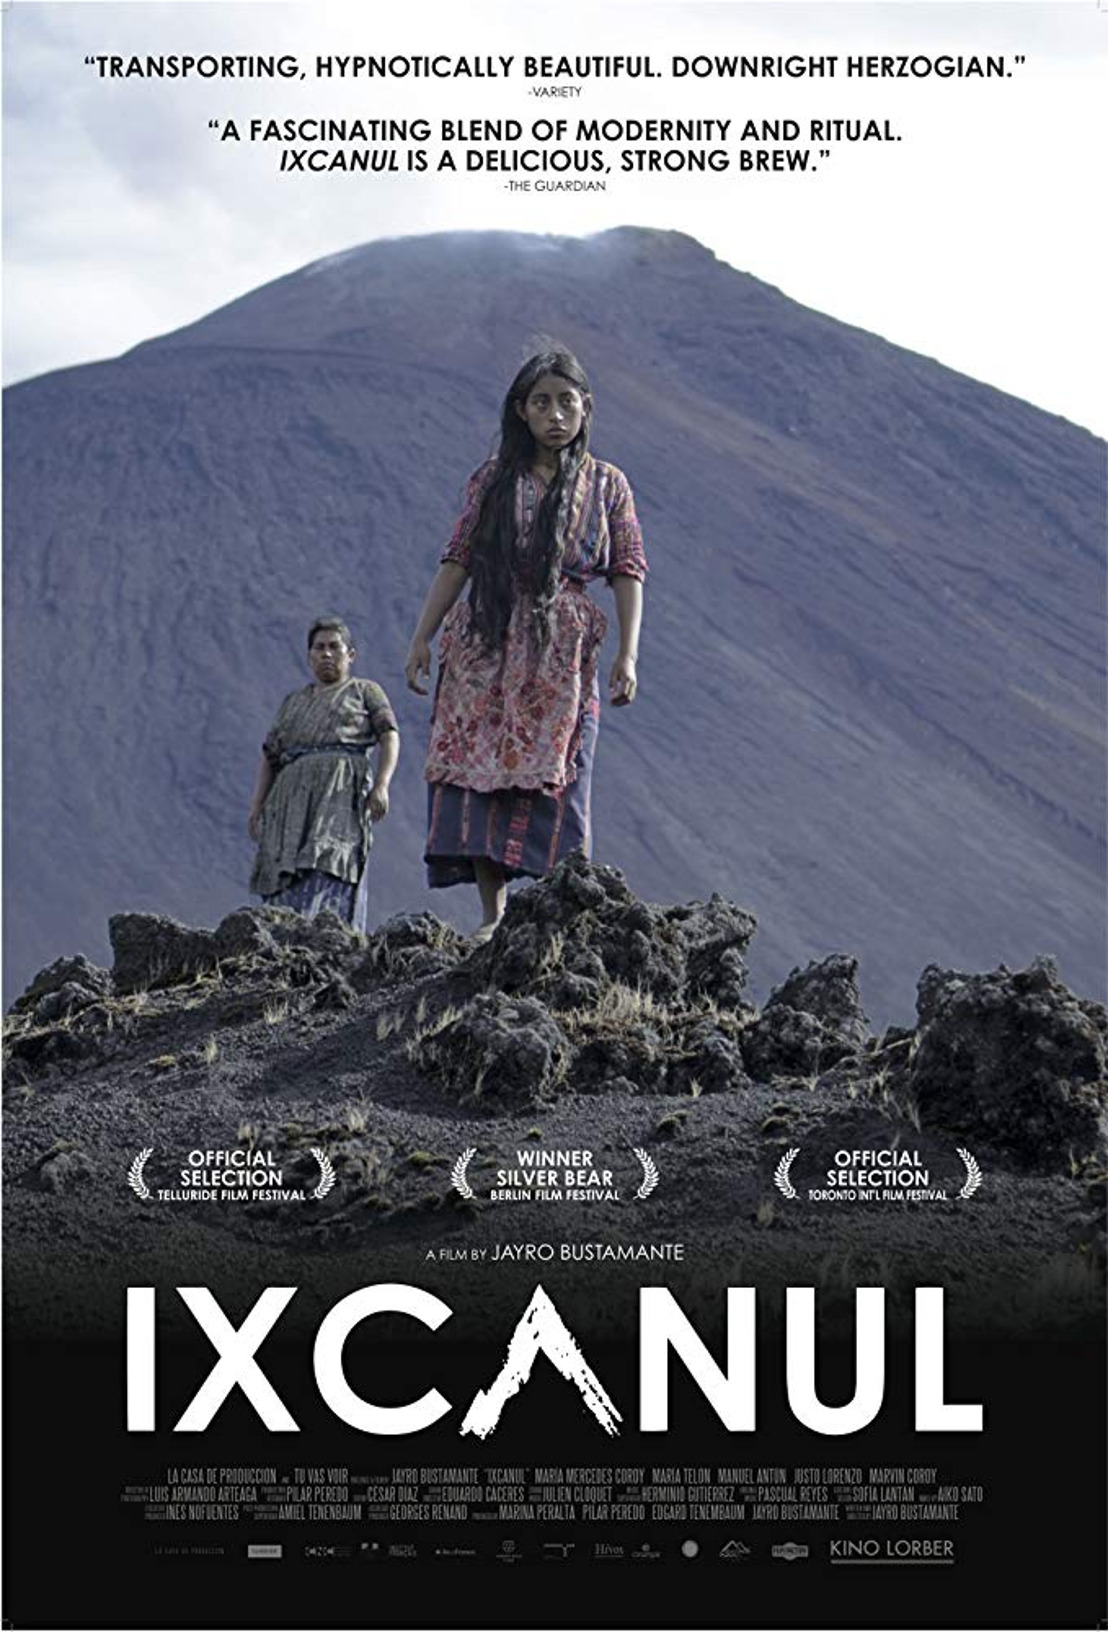 Proyección de Ixcanul en el Zocalo de la CDMX